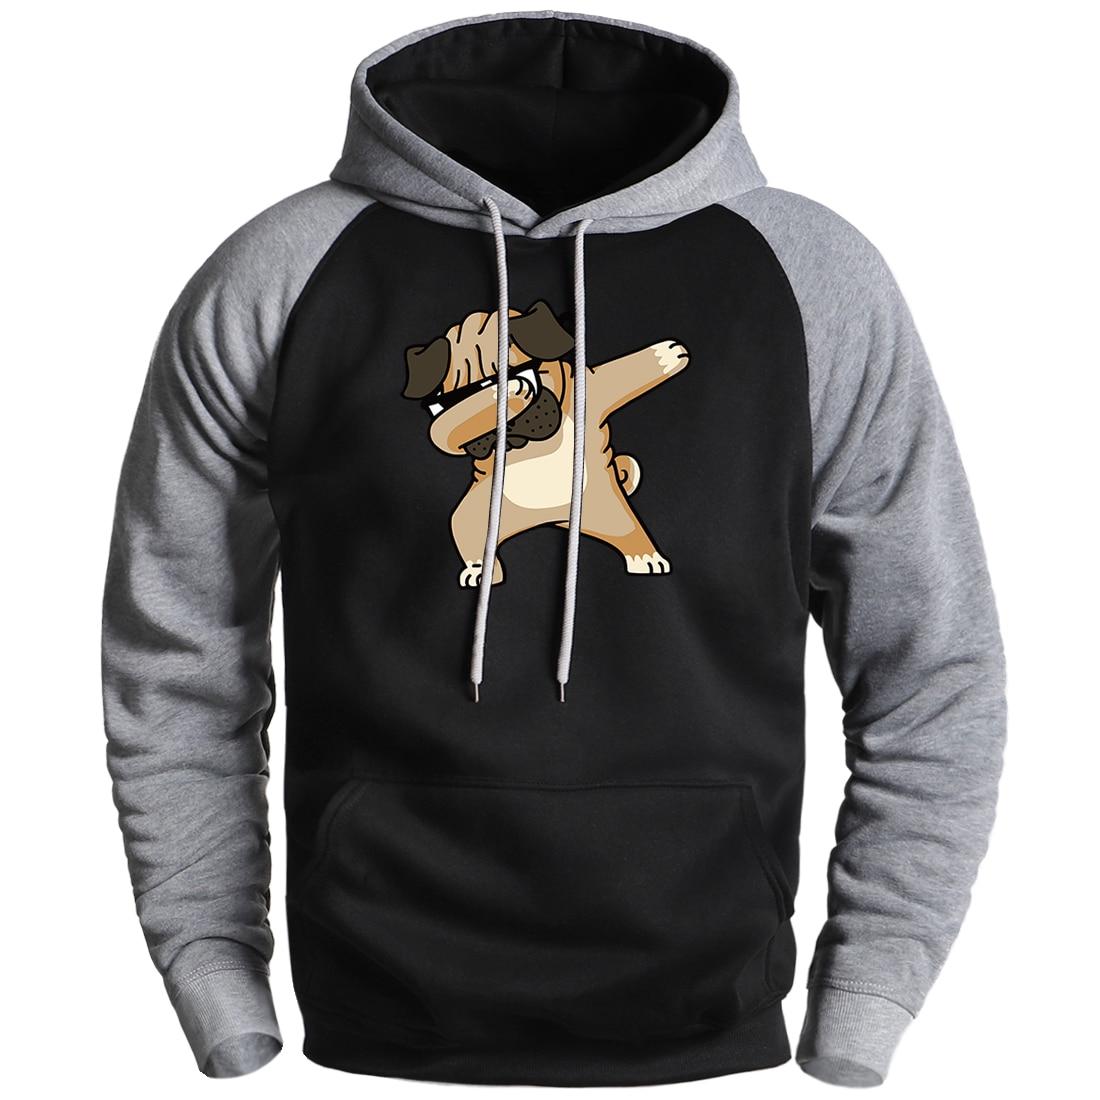 Funny Dabbing Pug Hoodies Mens Casual Hooded Raglan Sweatshirts 2020 Winter Fleece Pullover Japan Cartoon Hoodies Sweatshirts